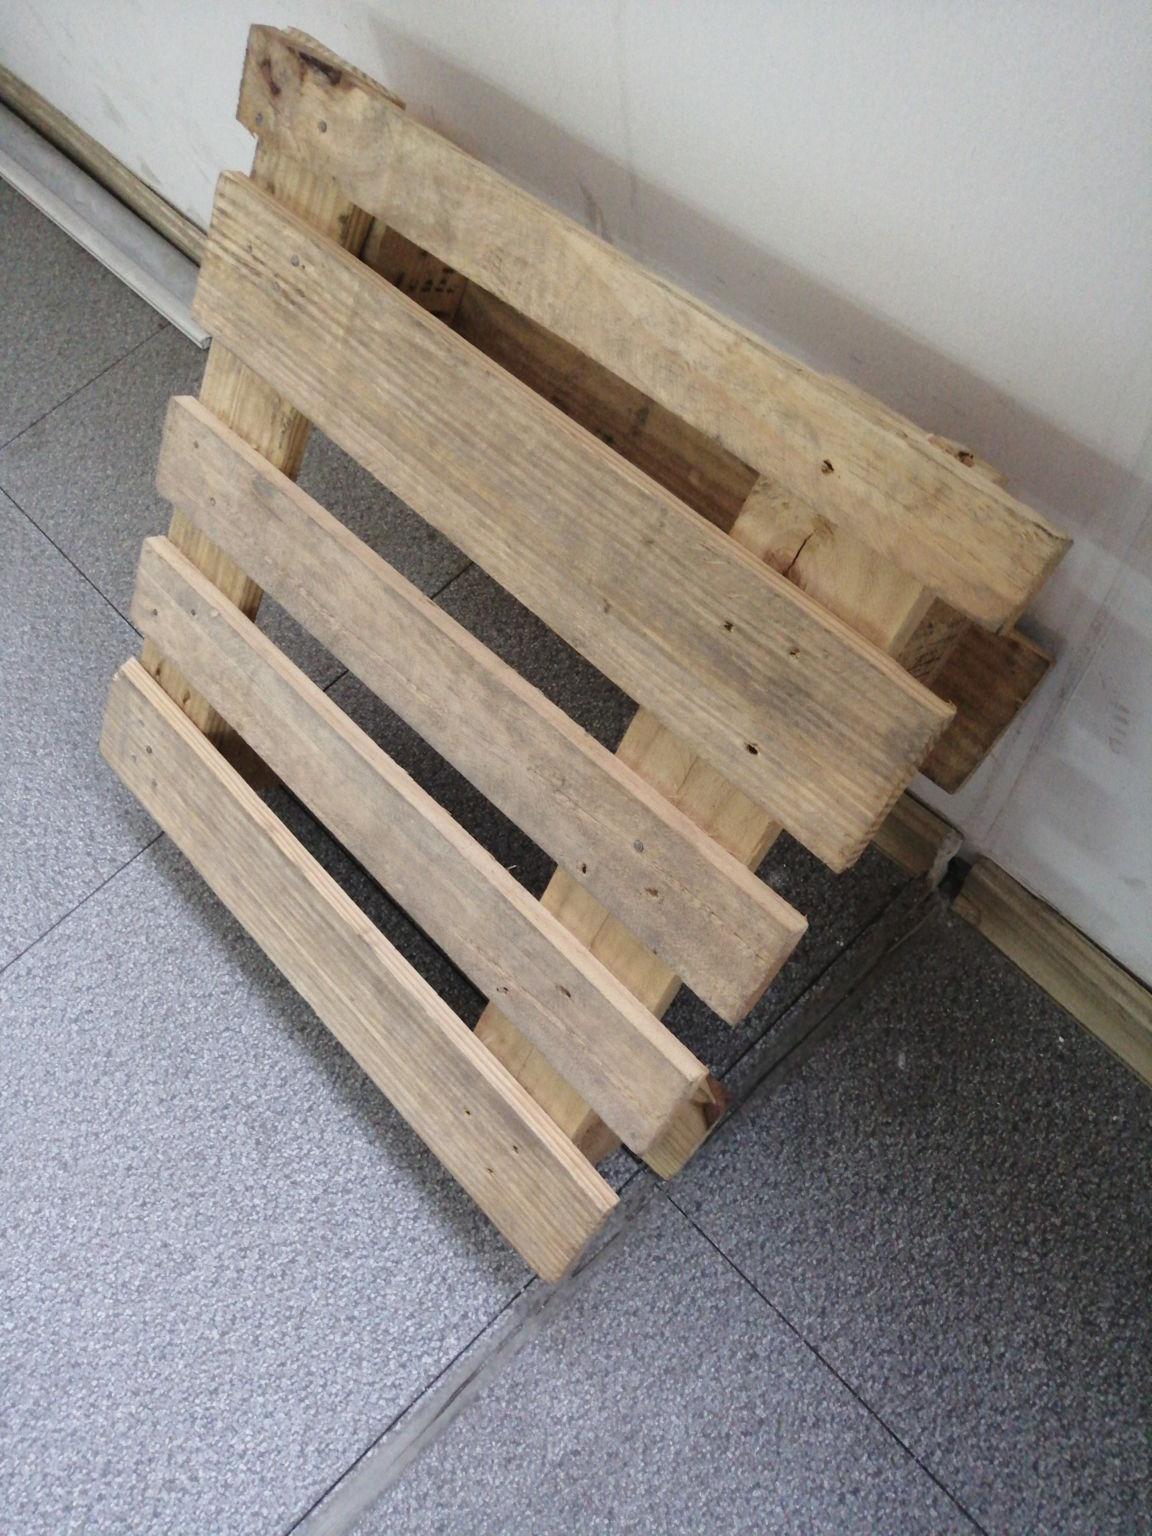 【温州胶合板】_温州胶合板批发_温州胶合板拿货货源